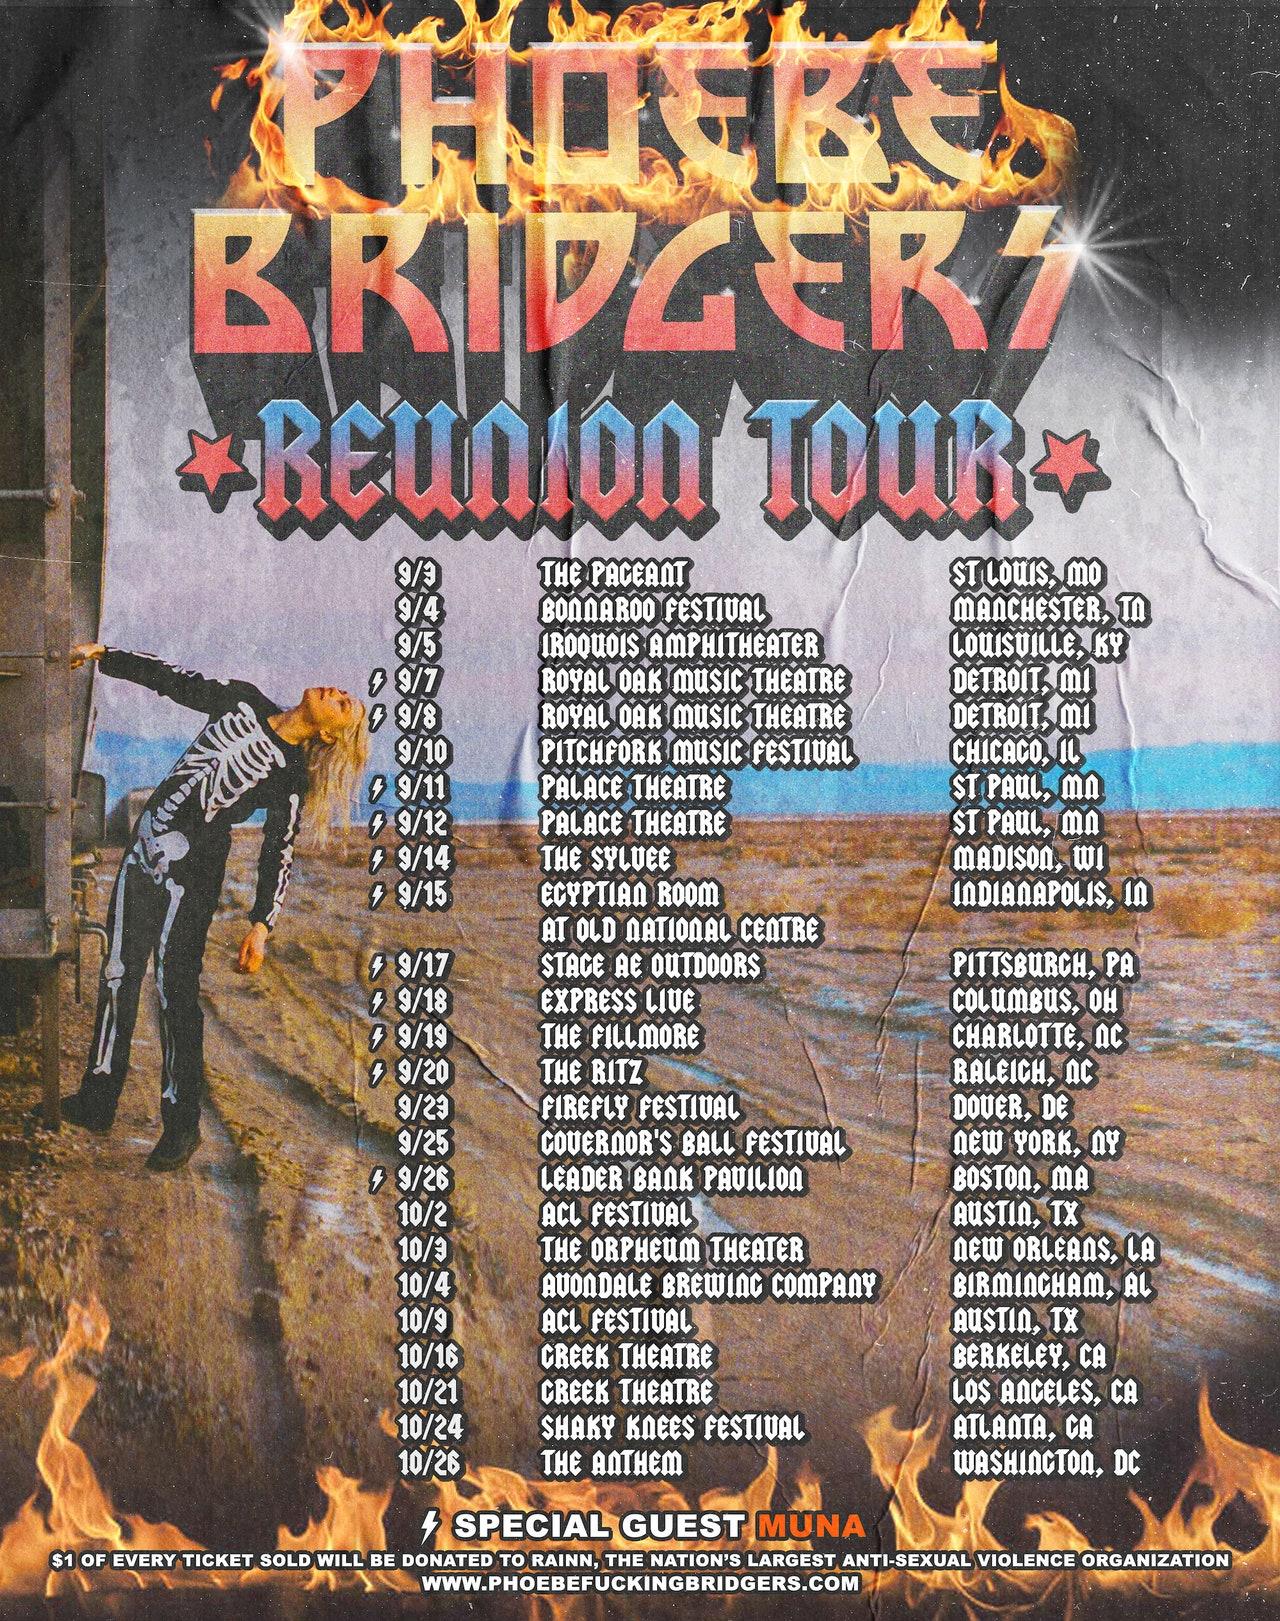 Phoebe Bridgers Reunion Tour